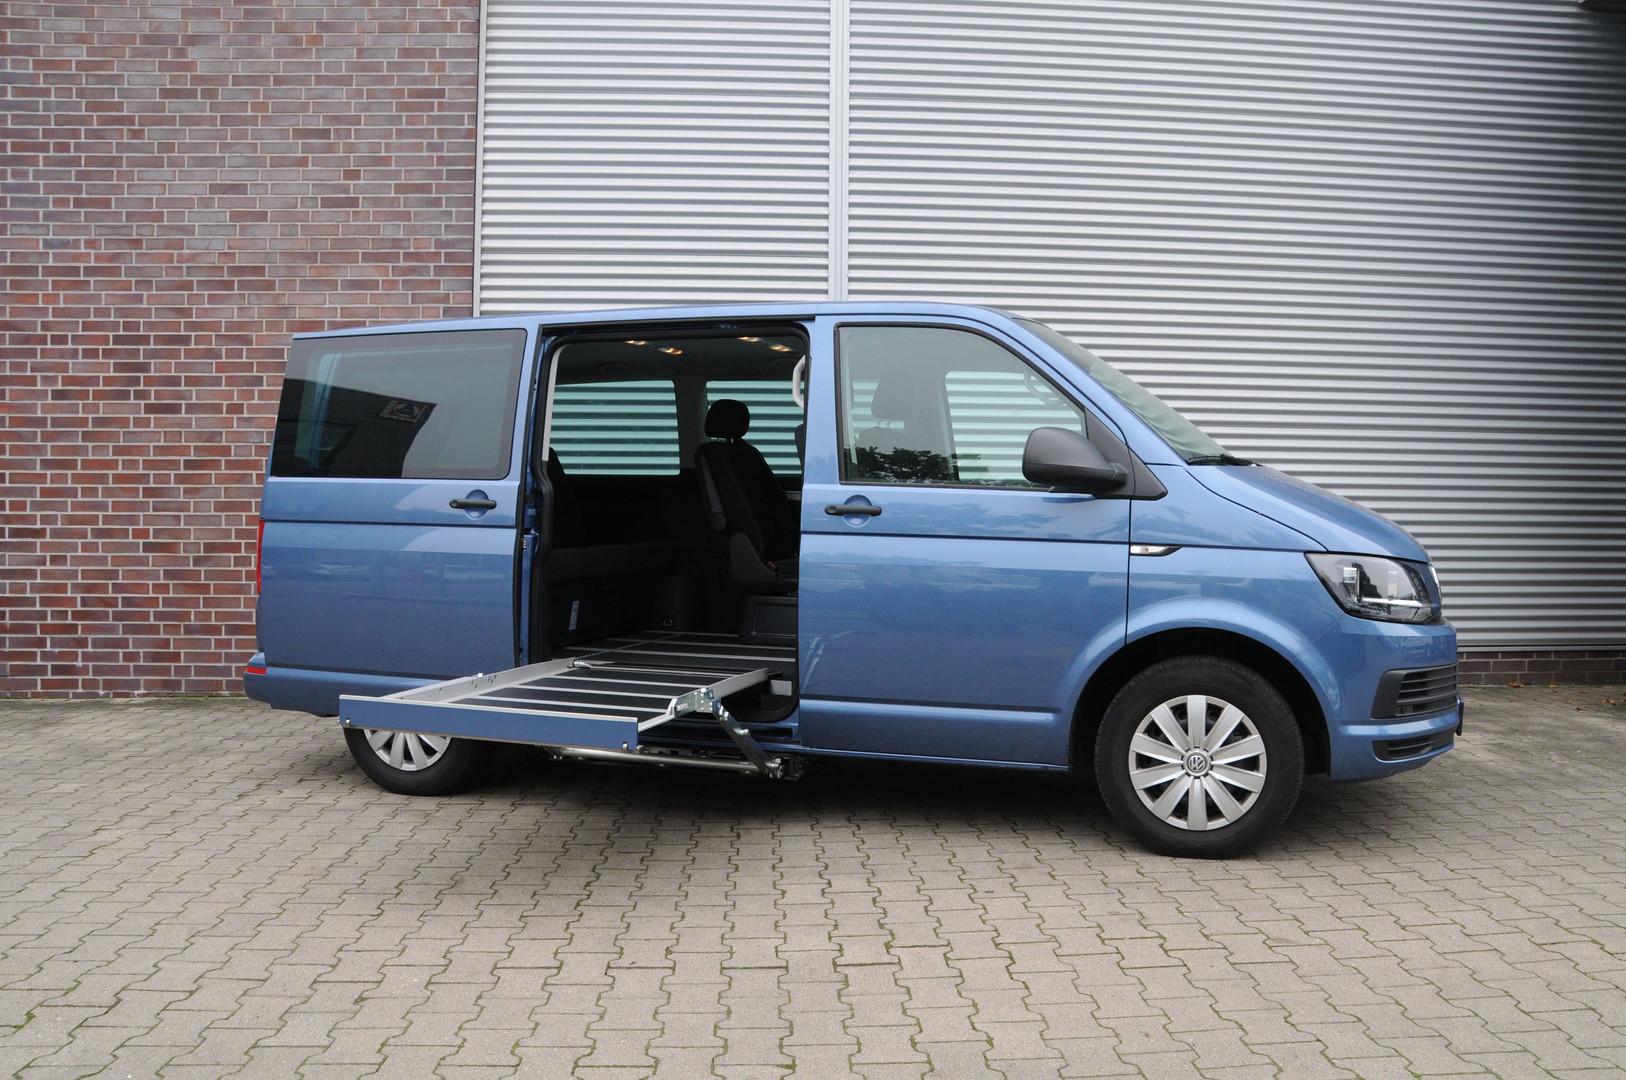 AMF-Bruns_VW T6_K70 (2).JPG